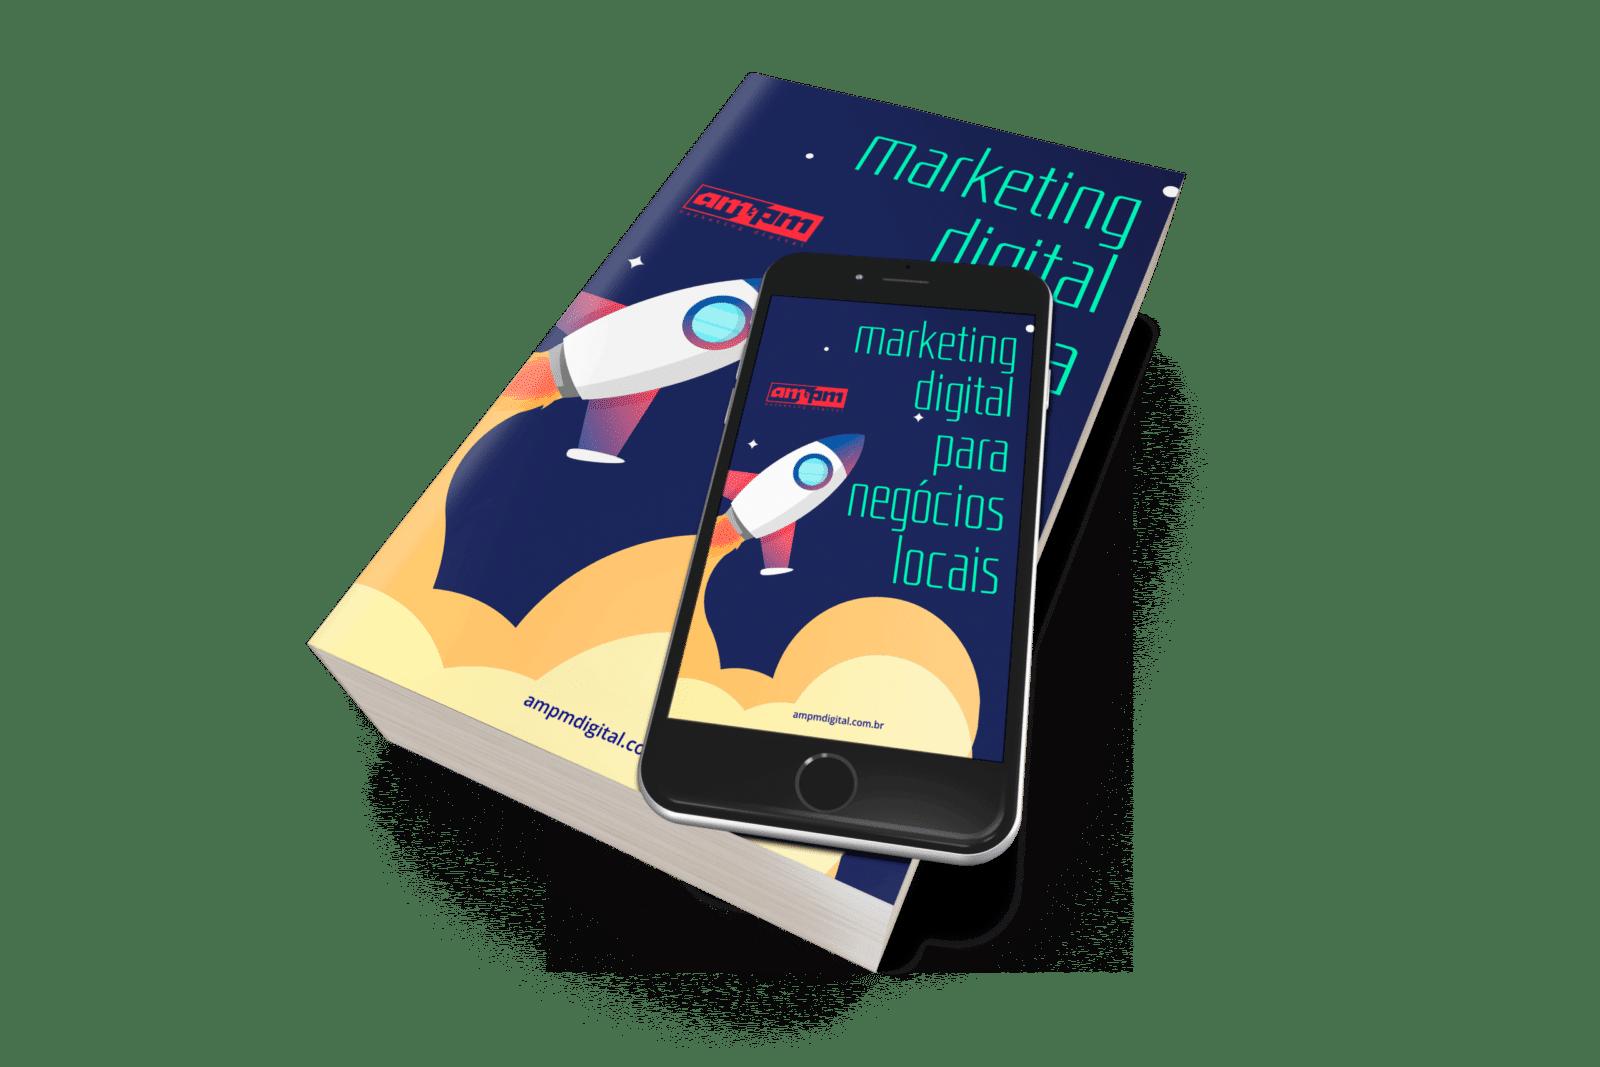 mockup ebook 1 1 - Baixe o Ebook de Marketing Digital para Negócios Locais